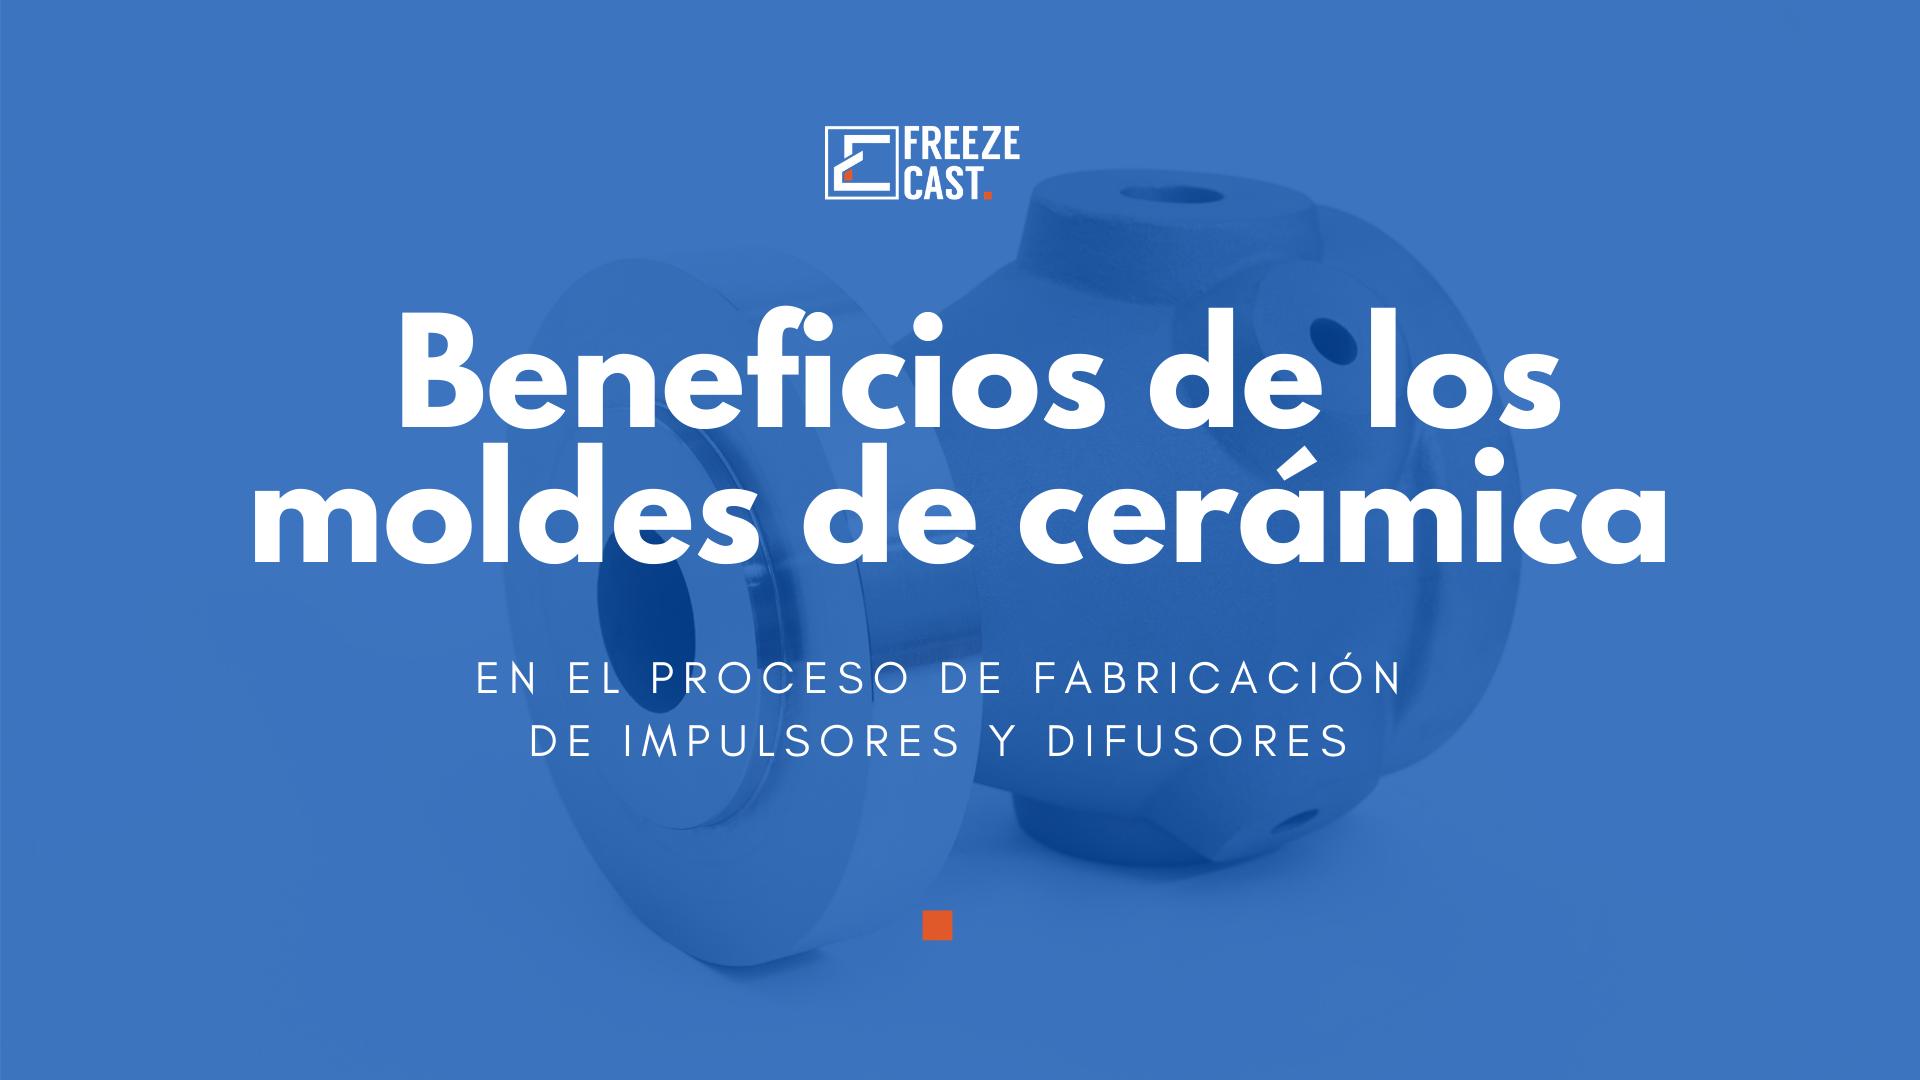 Beneficios de los moldes de cerámica en el proceso de fabricación de impulsores y difusores